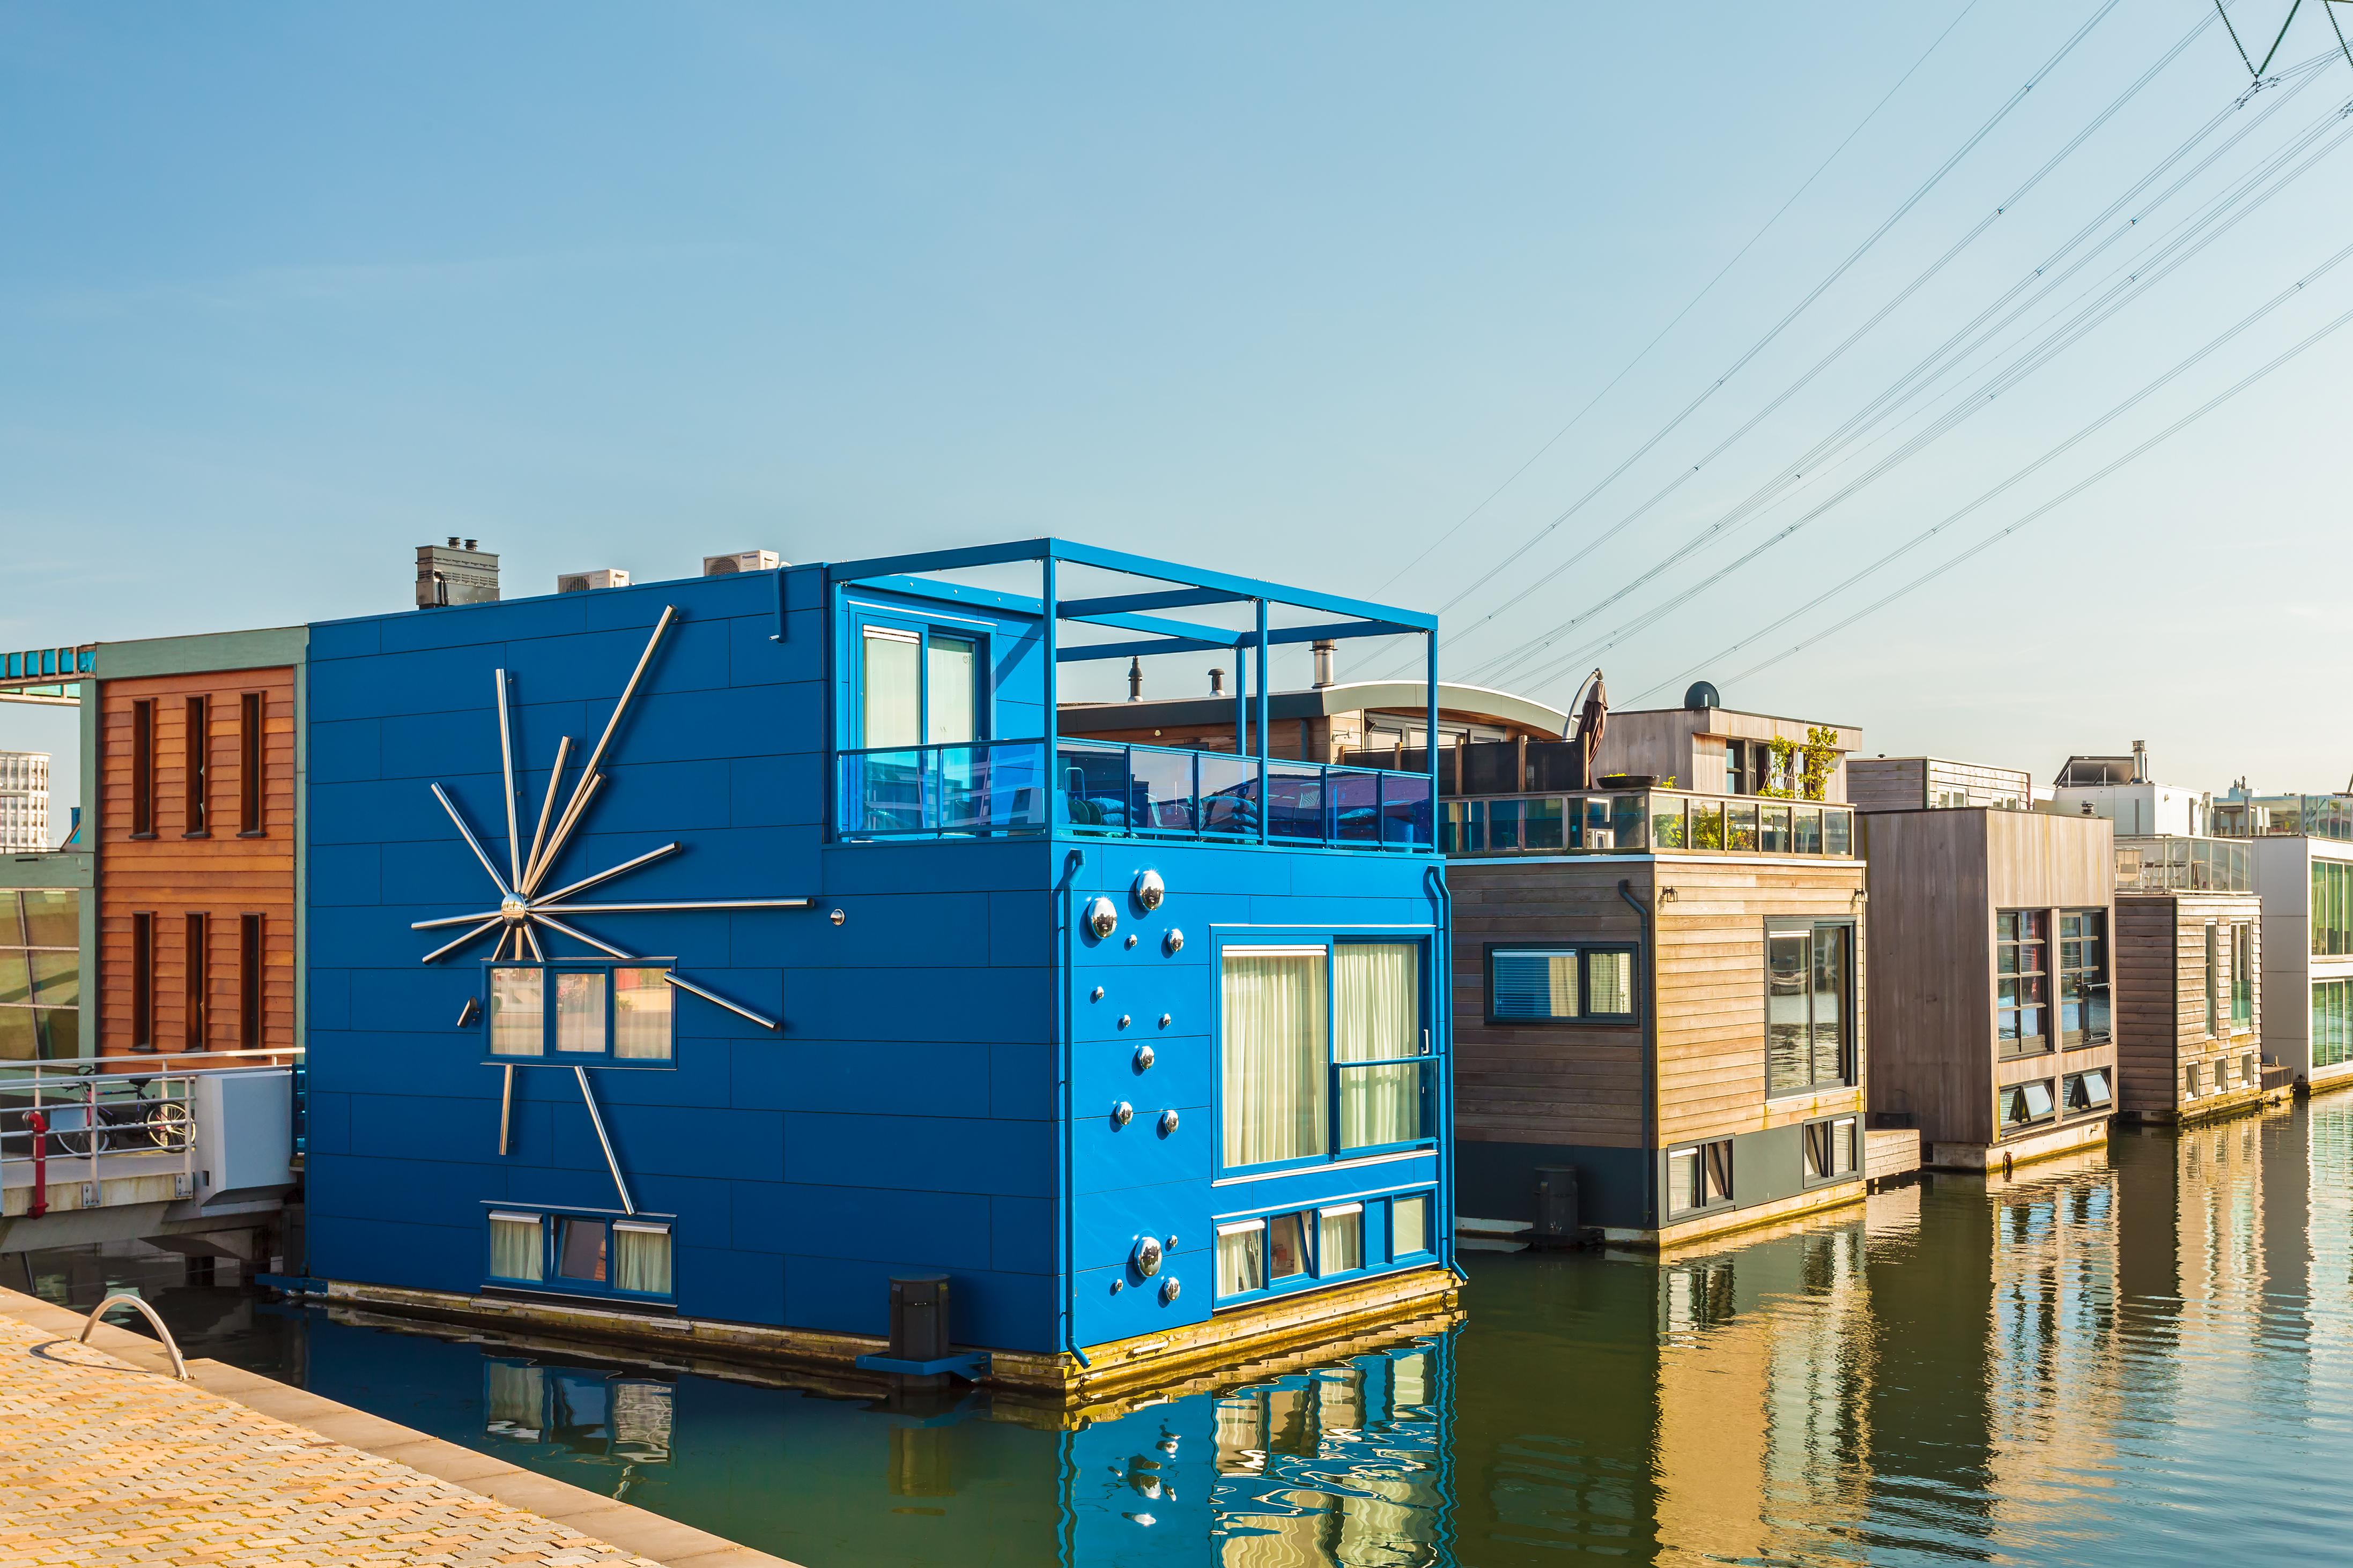 <p>В Амстердам започват да се появяват къщички, които са построени върху водата. Стремежът е близост до природата, но и справяне с все по-малкото жилищно пространство в градовете.</p>